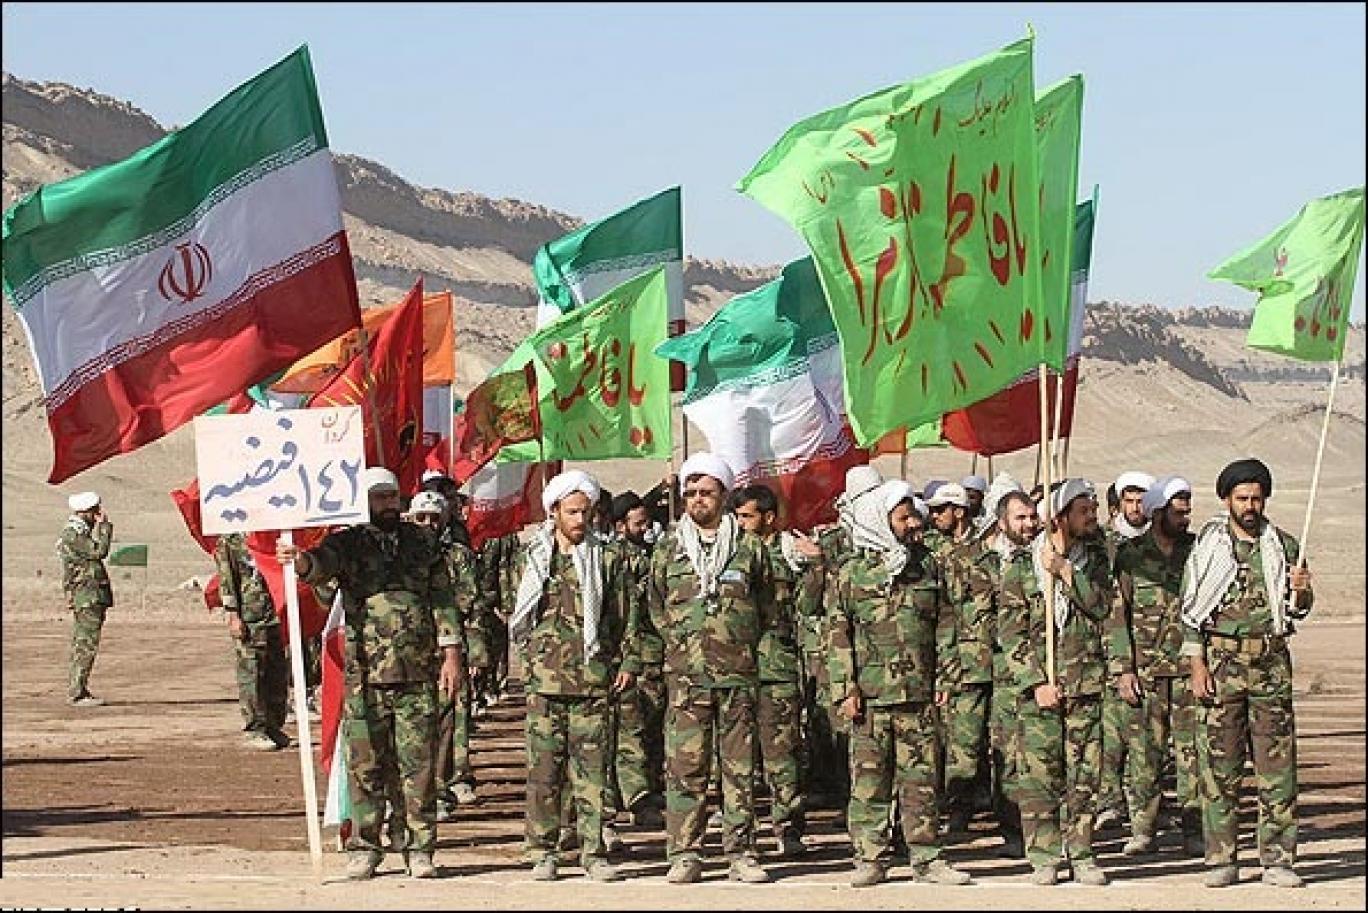 دیگر اثری از دین و مذهب غیردولتی شیعه در ایران باقی نمانده است